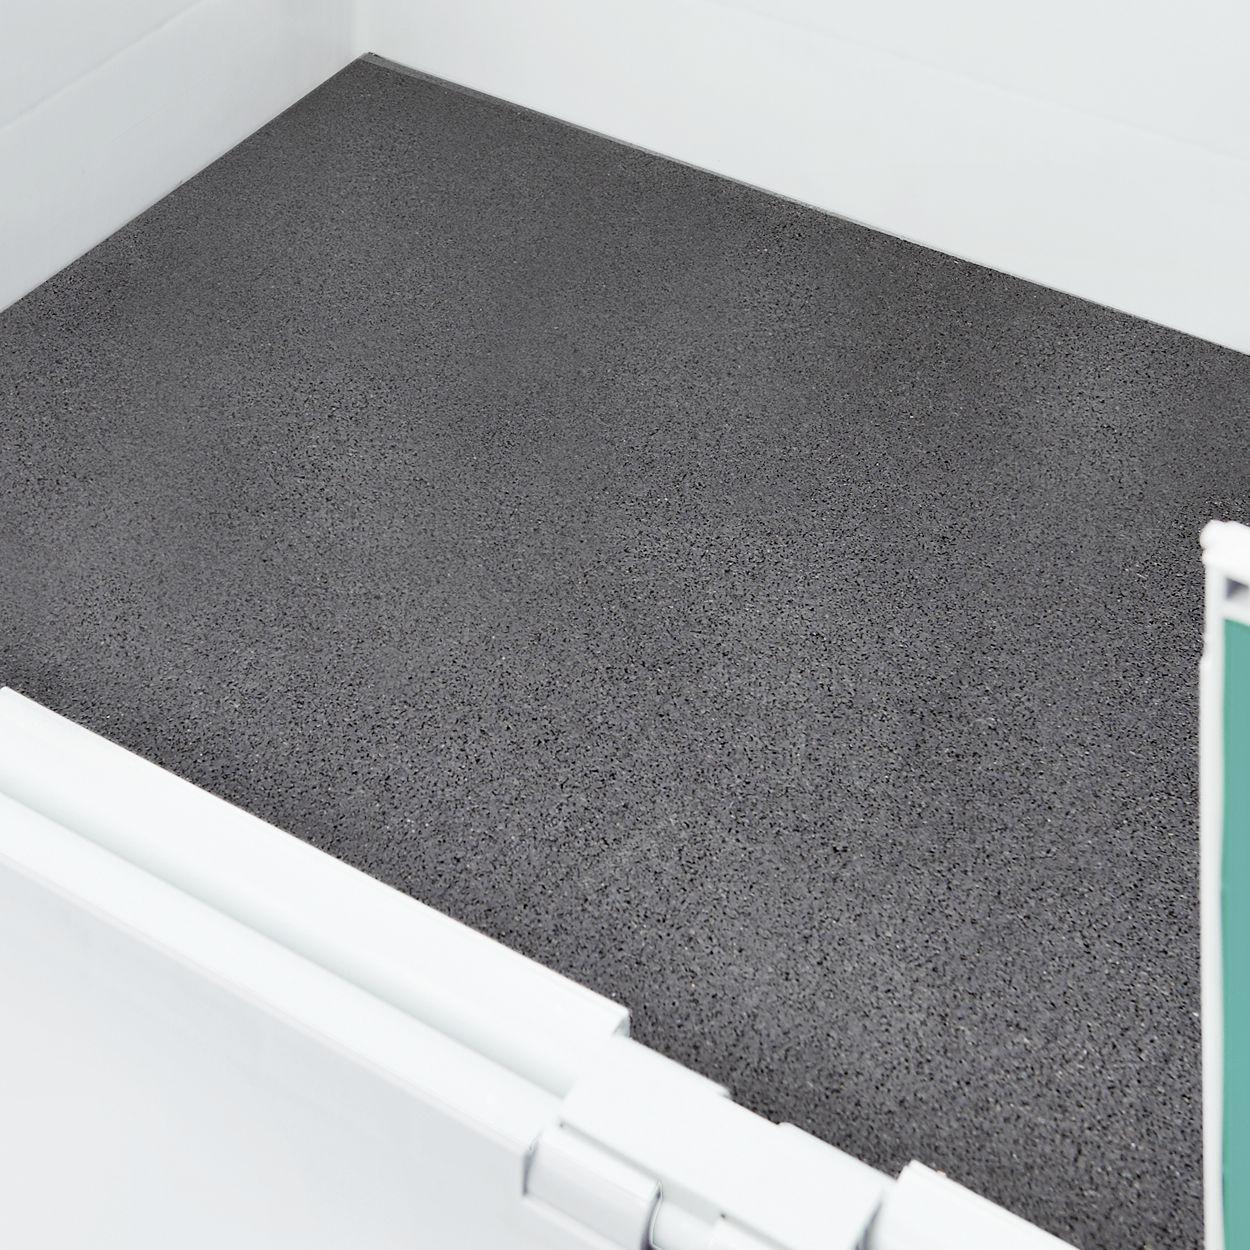 Antirutschmatte  720x  520x8                  schwarzmeliert